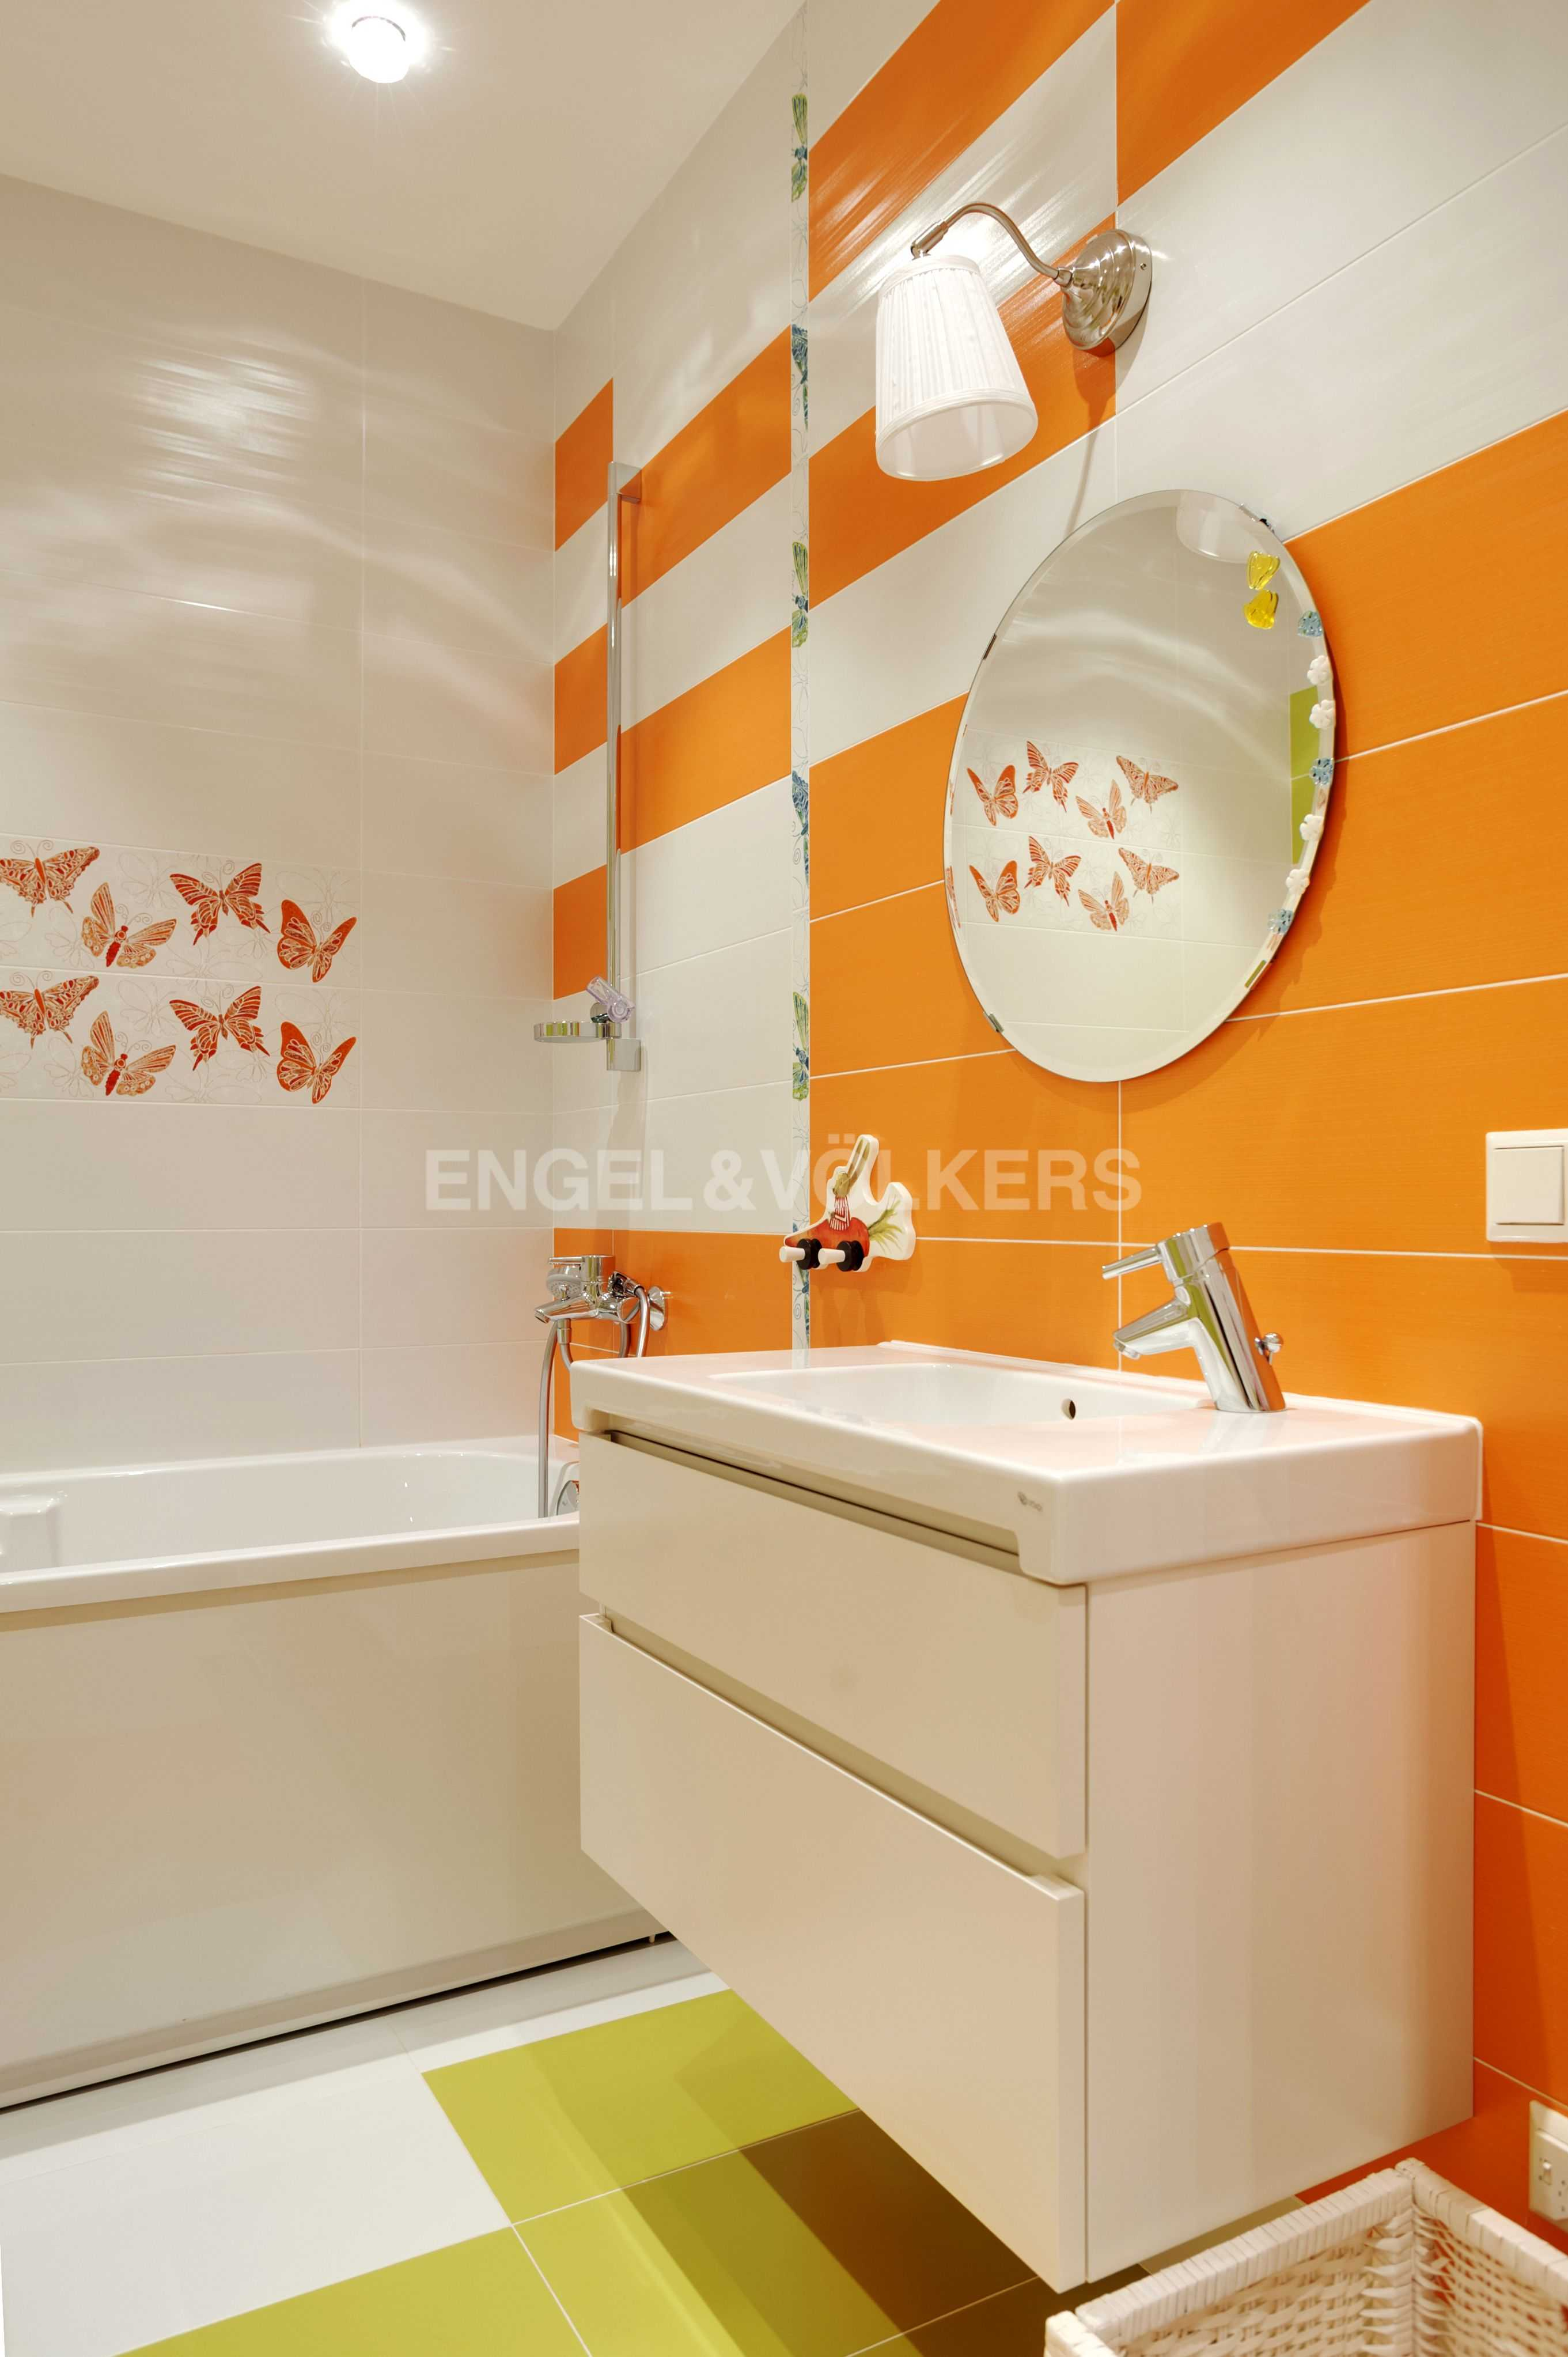 Элитные квартиры в Центральный р-н. Санкт-Петербург, Тверская ул., 1A . Ванная комната